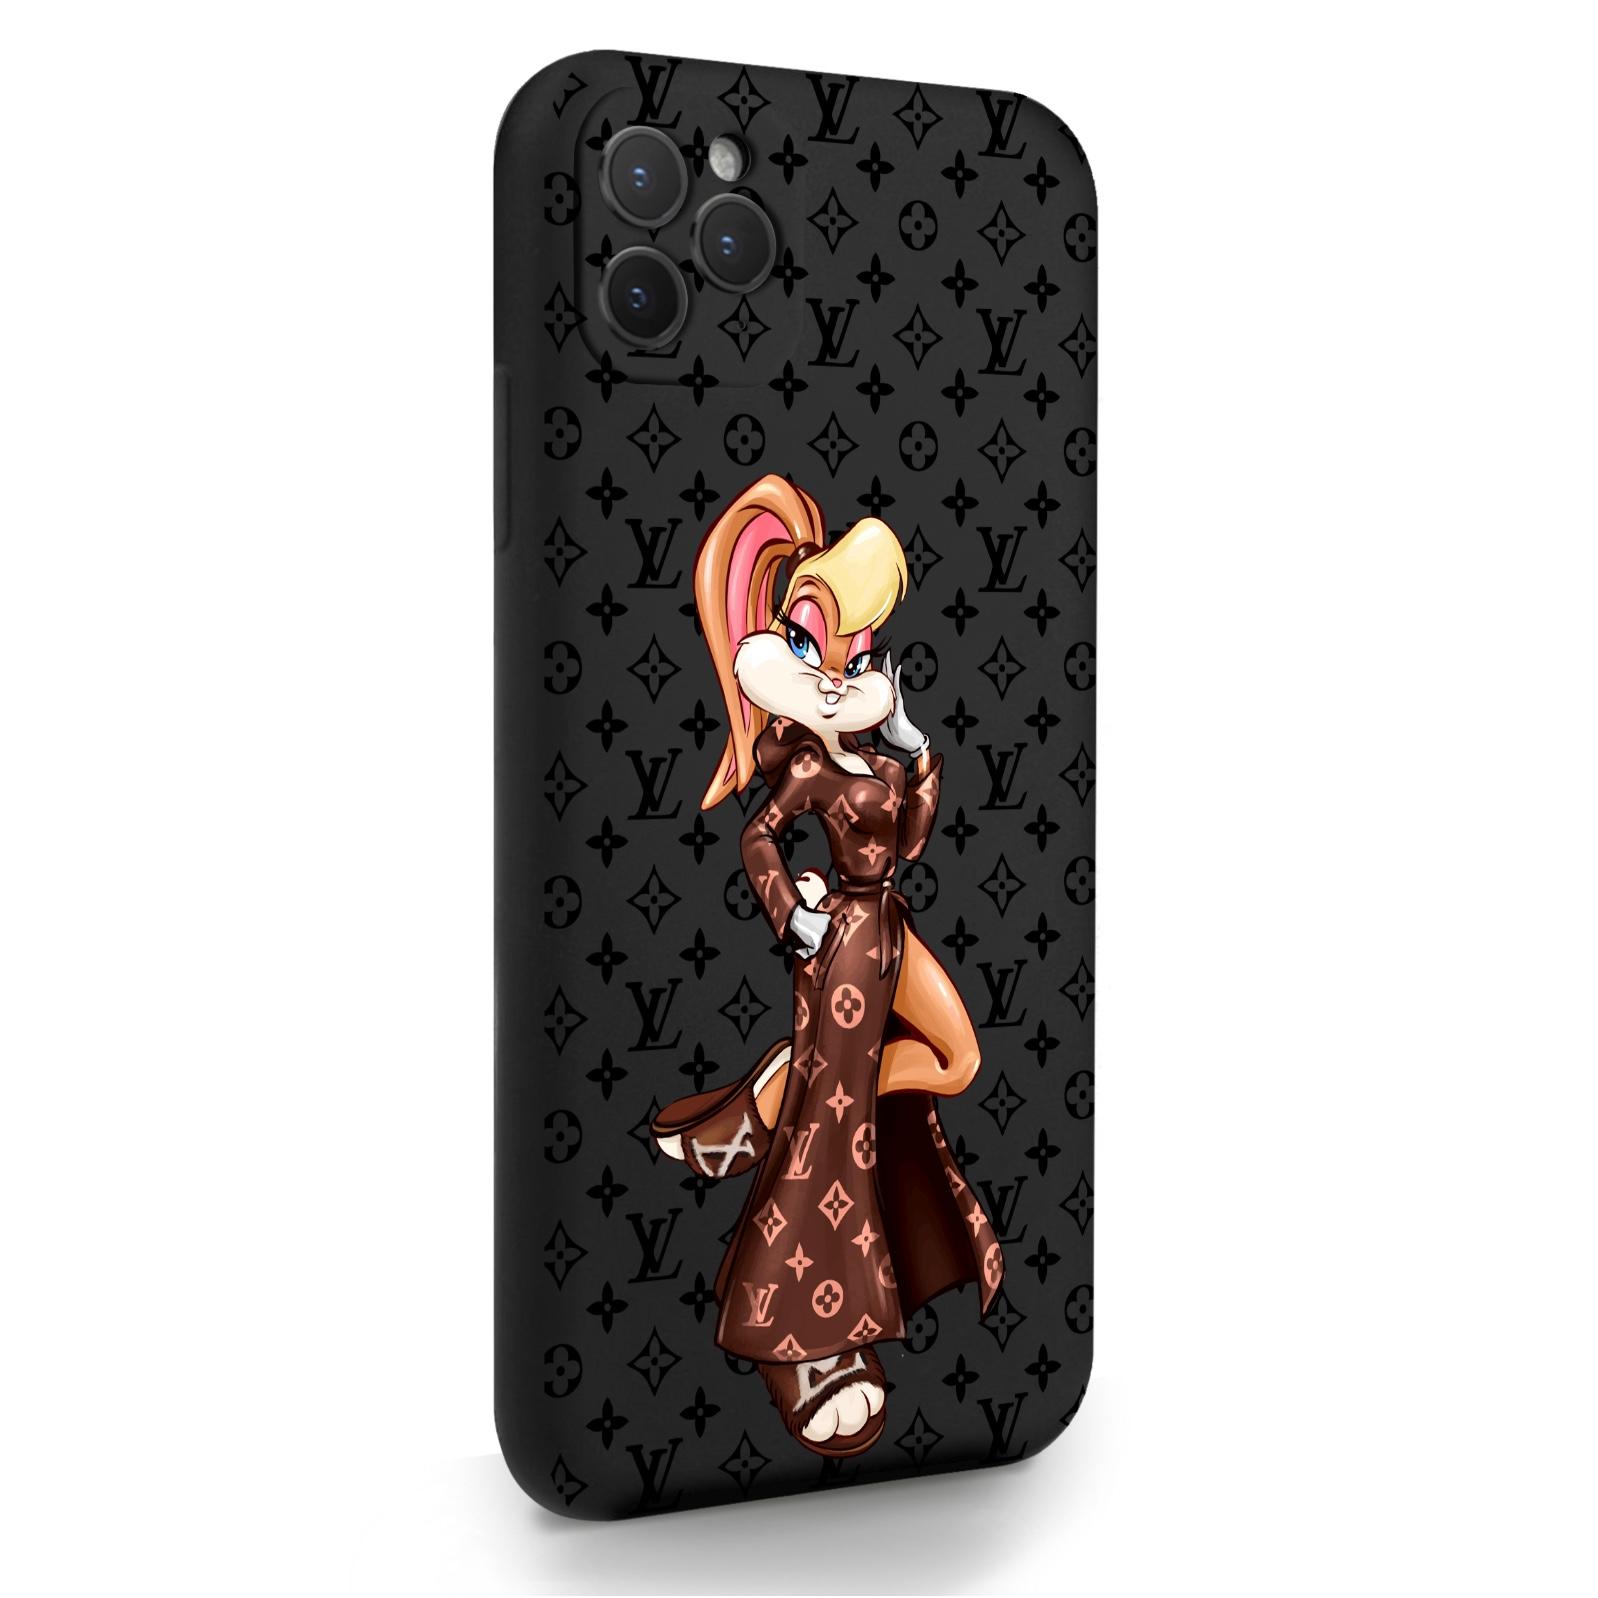 Черный силиконовый чехол для iPhone 11 Pro Max Миссис Богатая Зайка Релакс LV/ Mrs. Rich Bunny Relax LV для Айфон 11 Про Макс